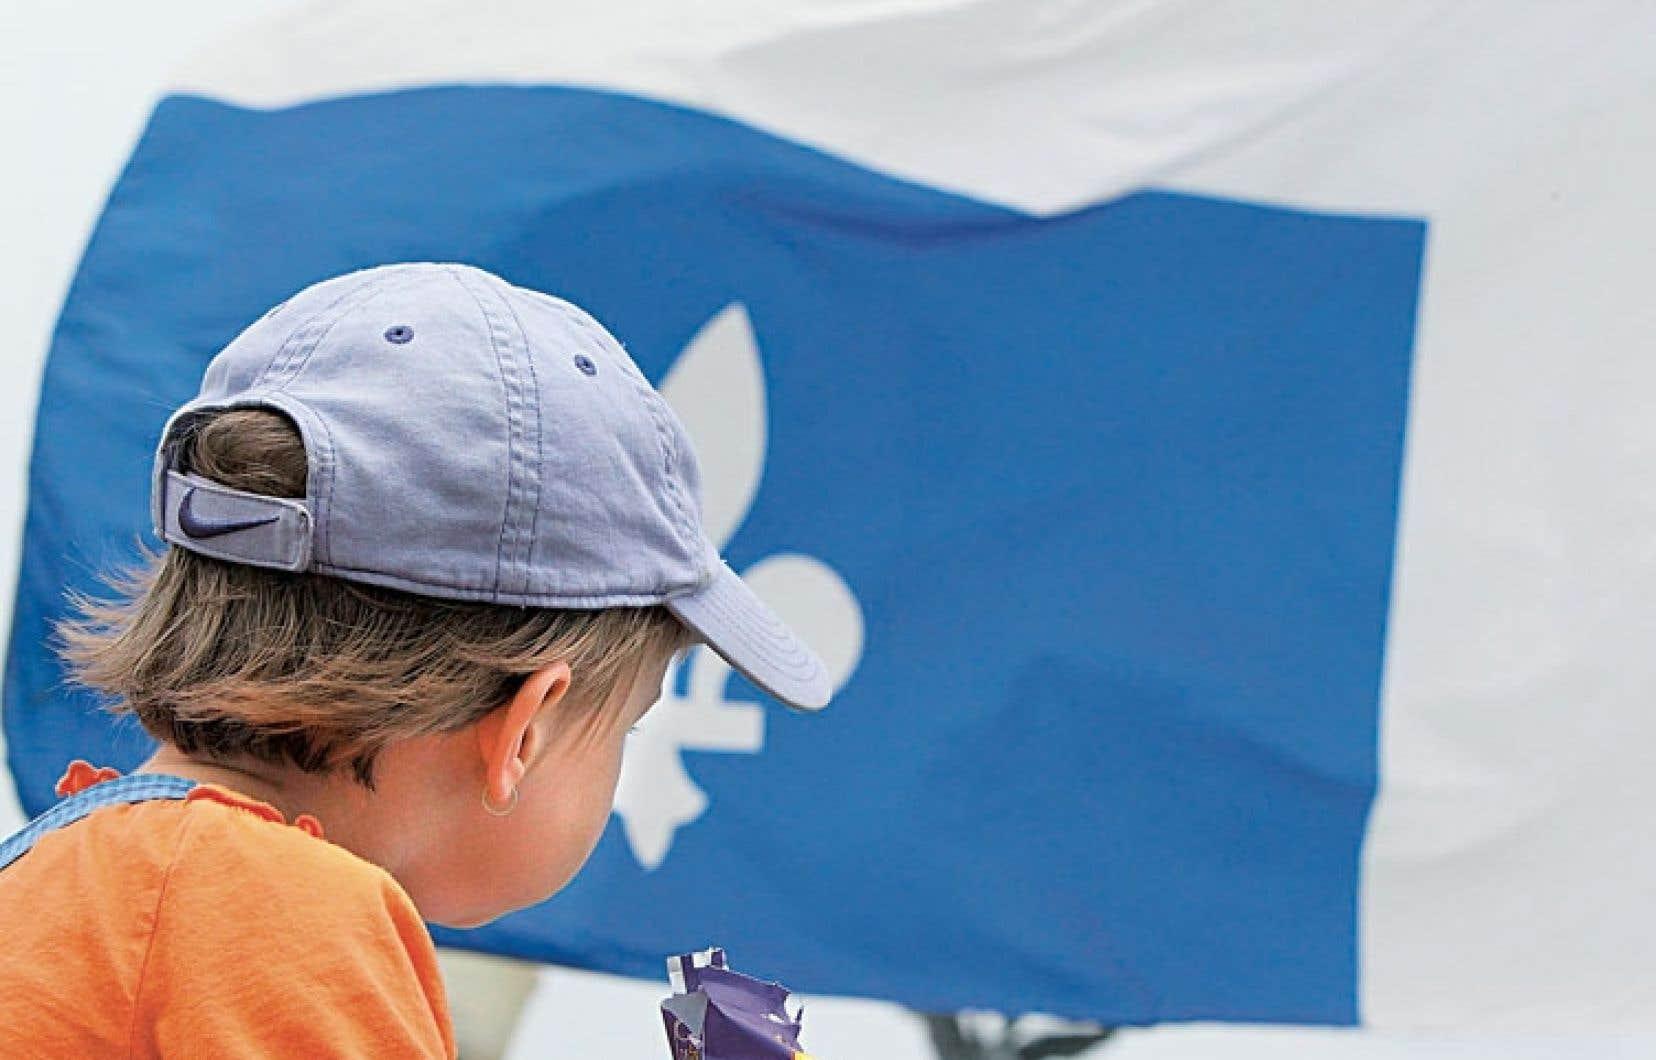 Le gouvernement souhaite renforcer l'enseignement de l'histoire nationale dans les écoles primaires et secondaires du Québec.